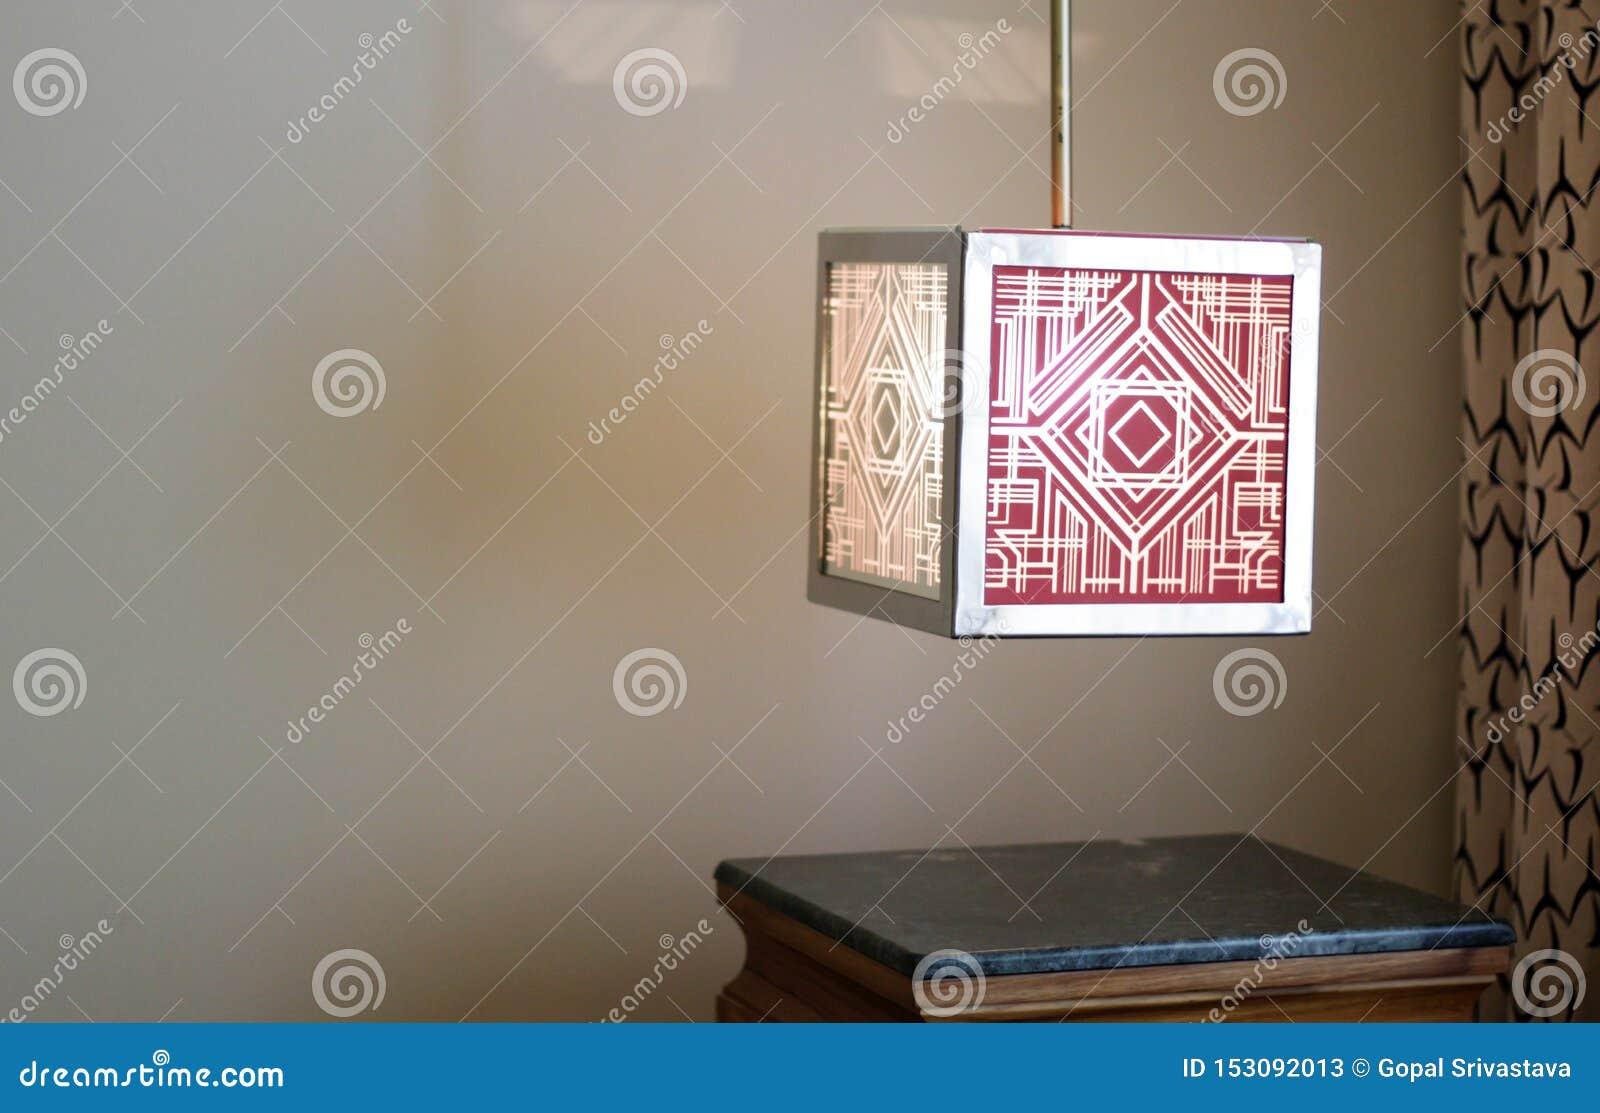 Lampe in einer Ecke des Hotelzimmers